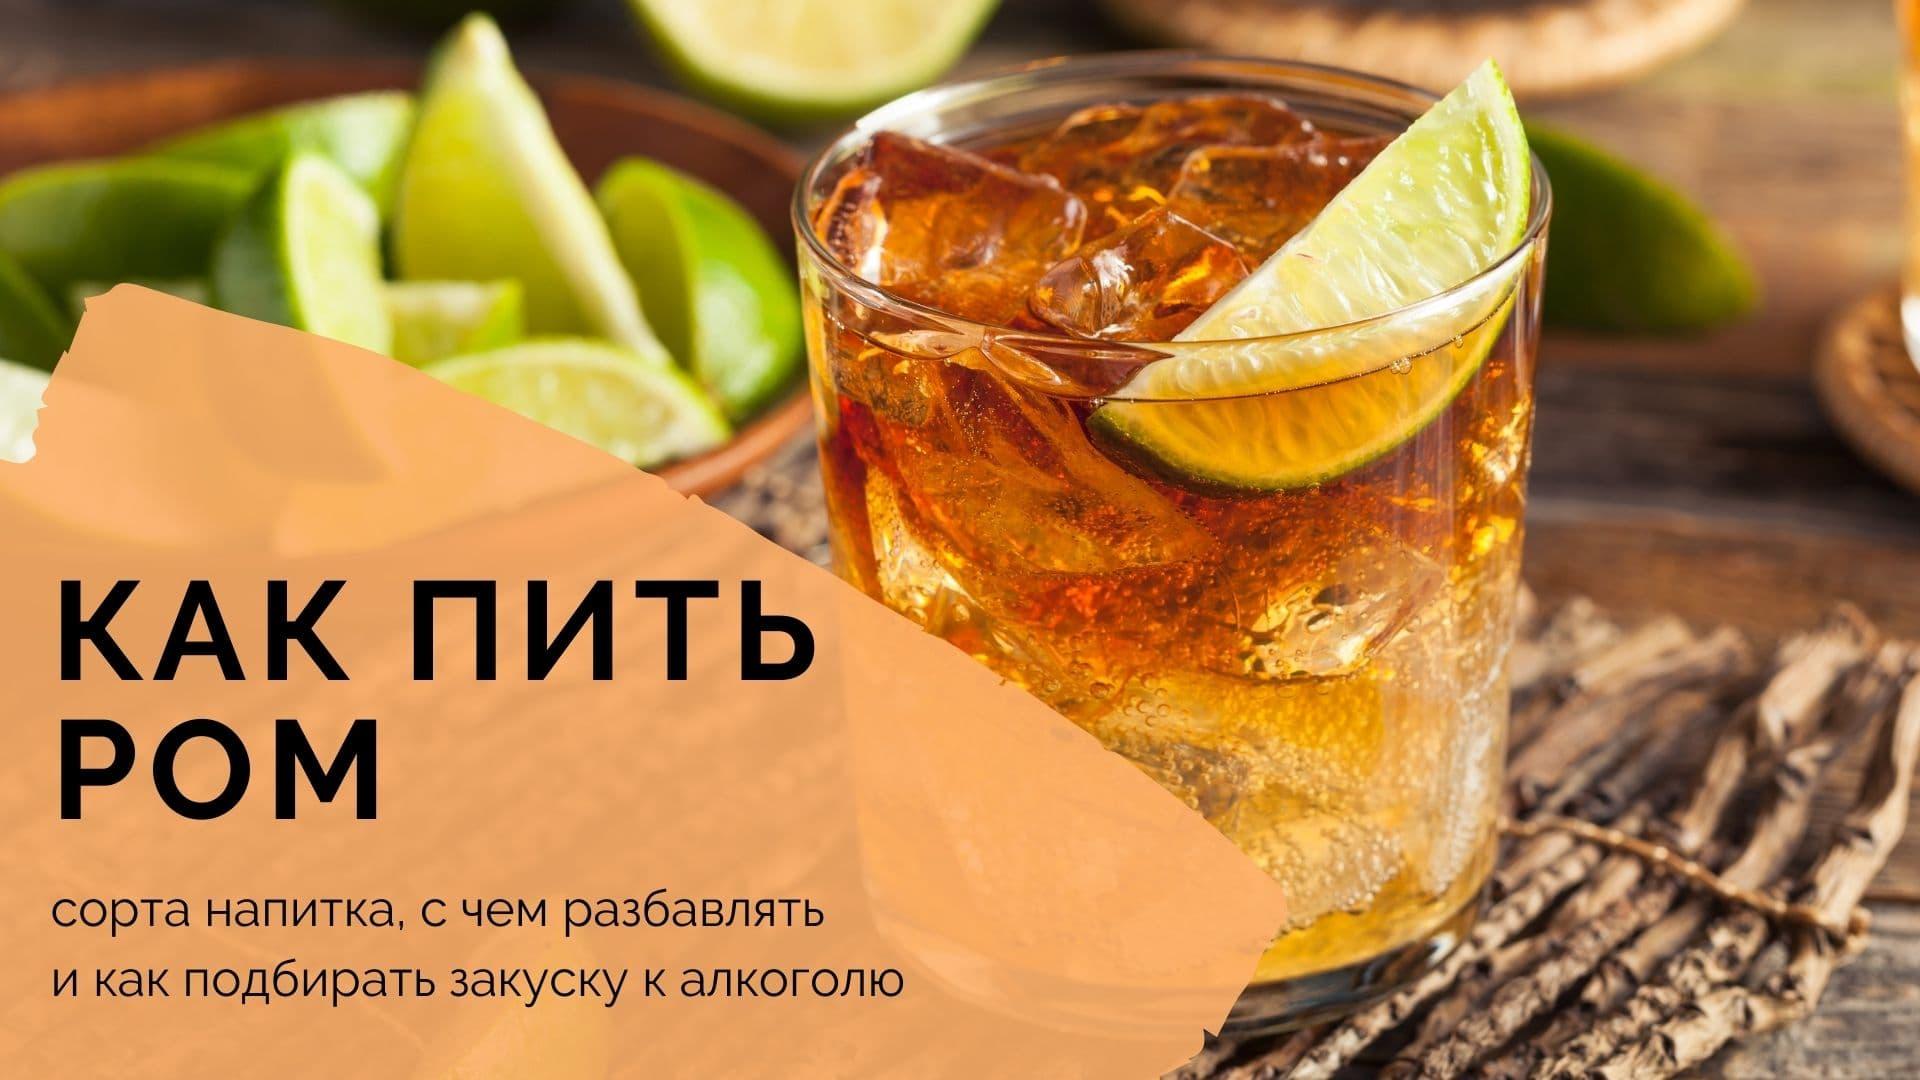 Ром - как пить: сорта напитка, с чем разбавлять и как подбирать закуску к алкоголю